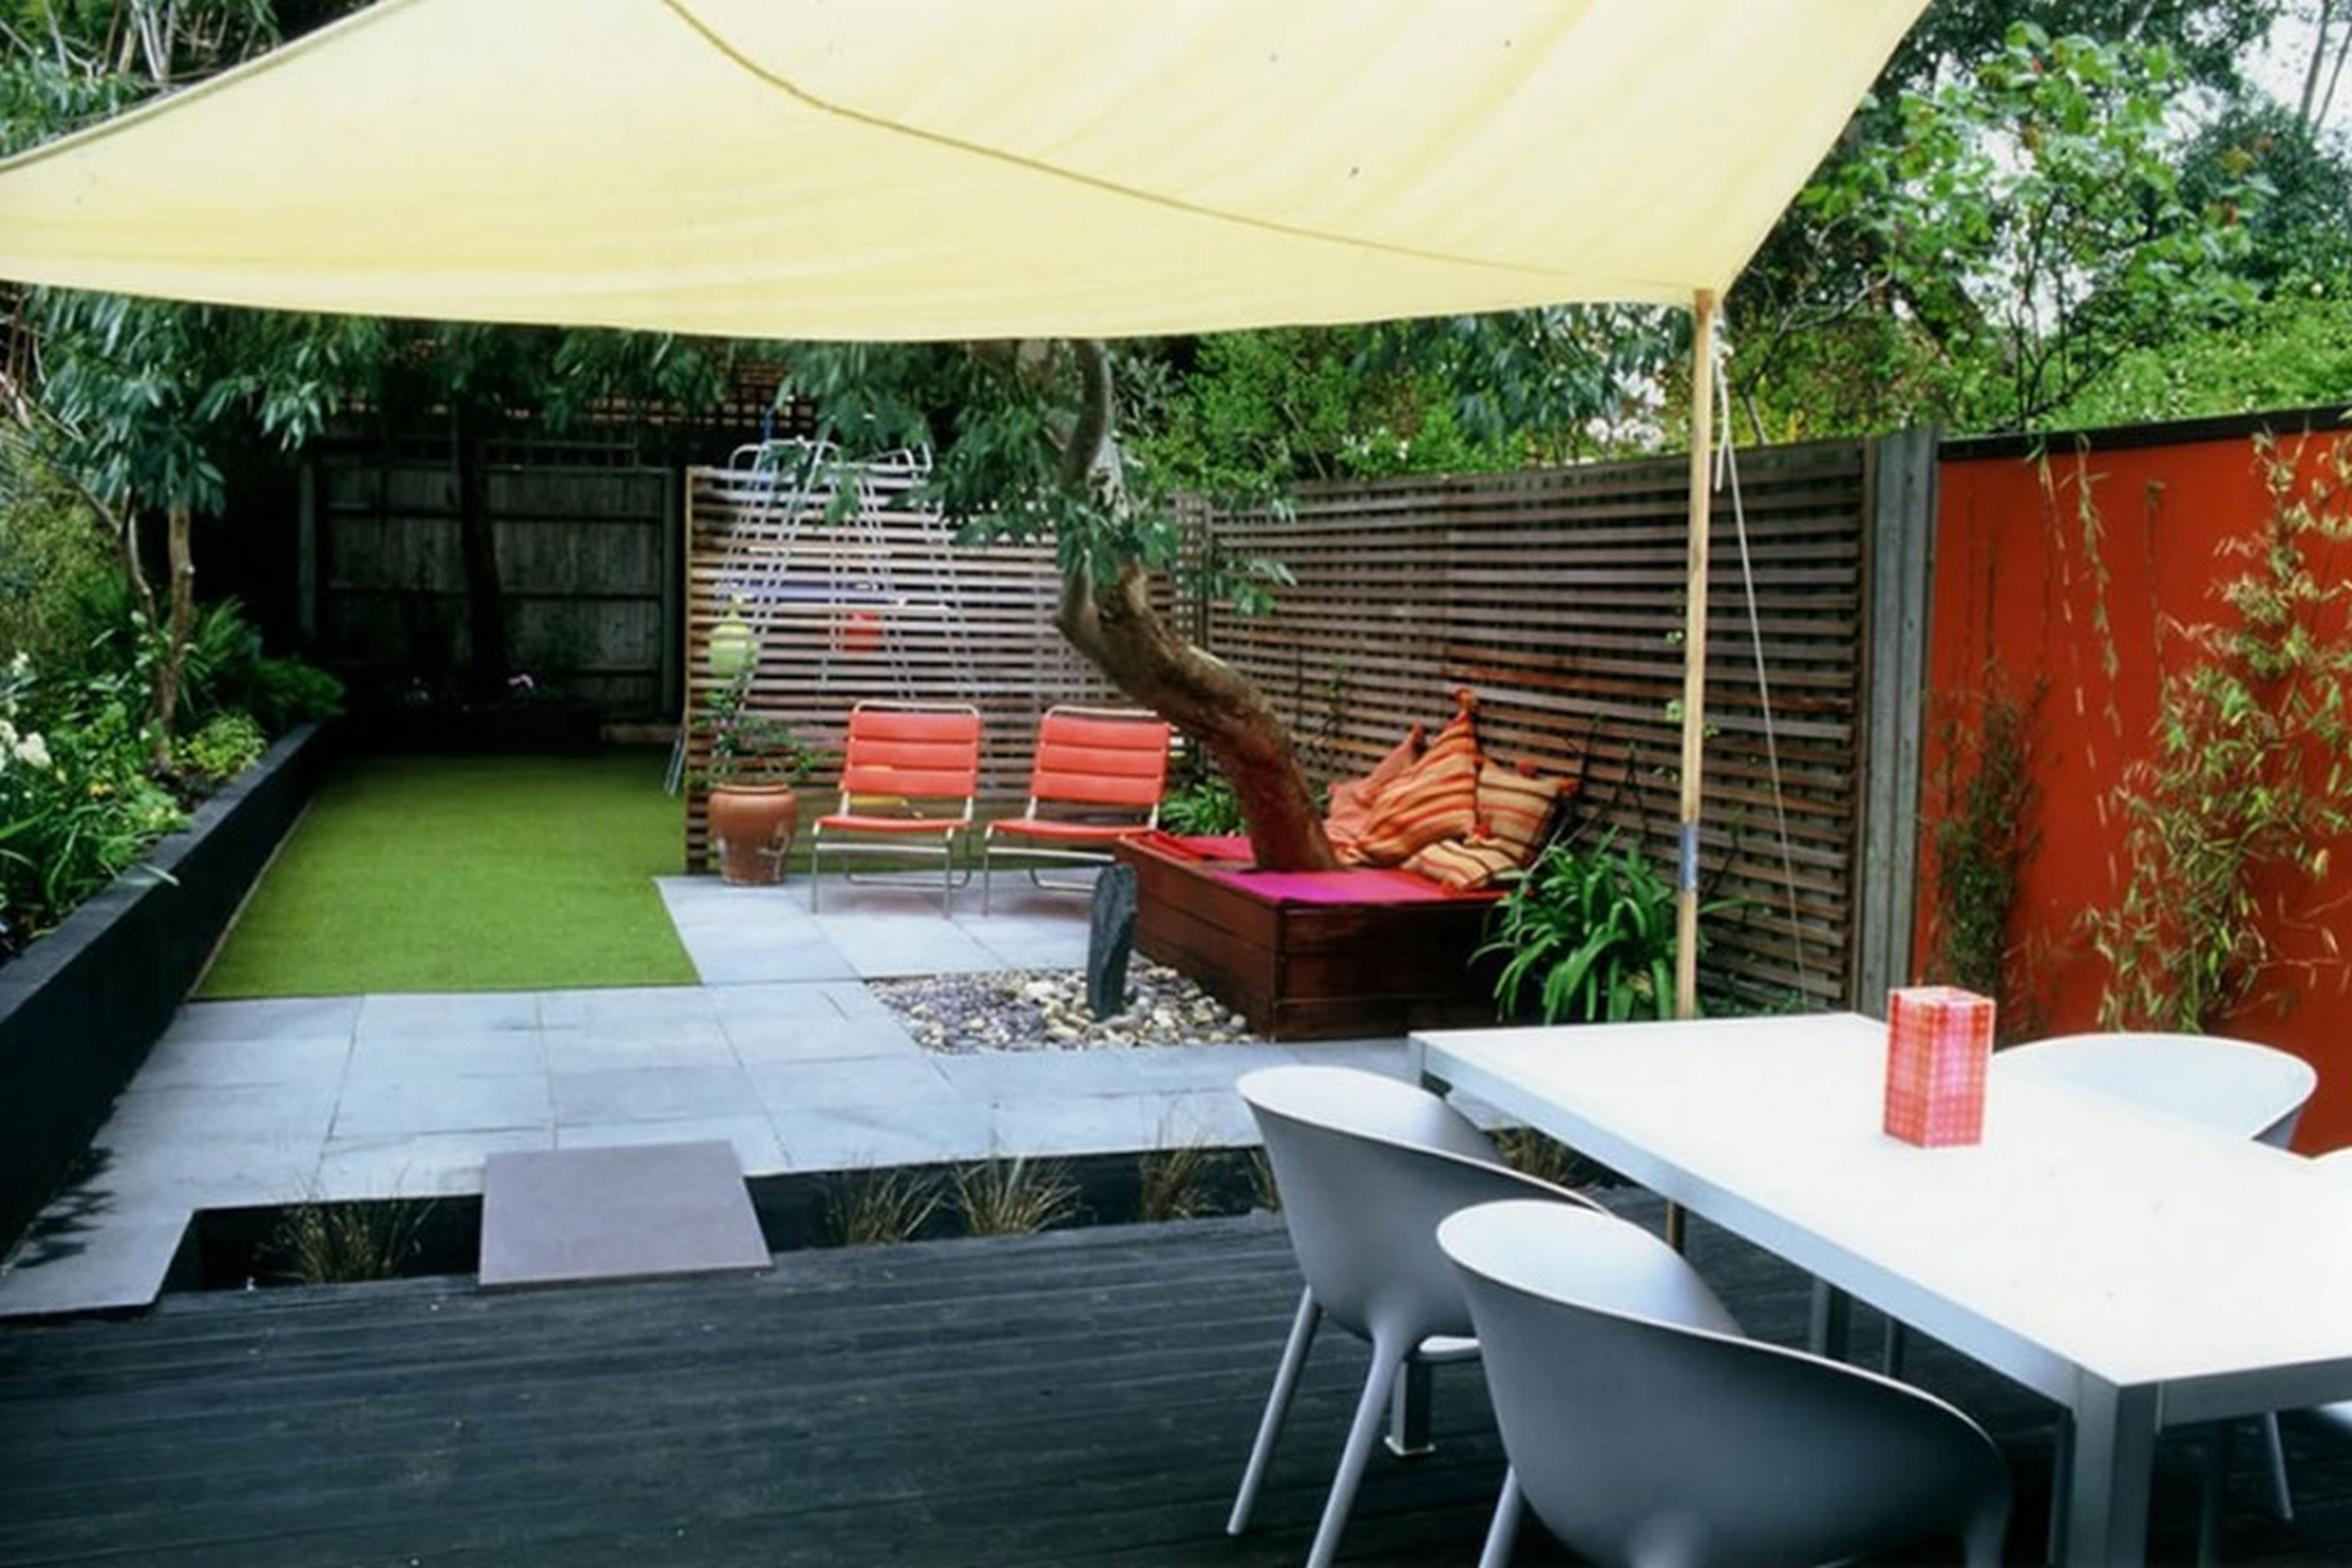 Gartengestaltung Mit Holzterrasse | upowersc.com